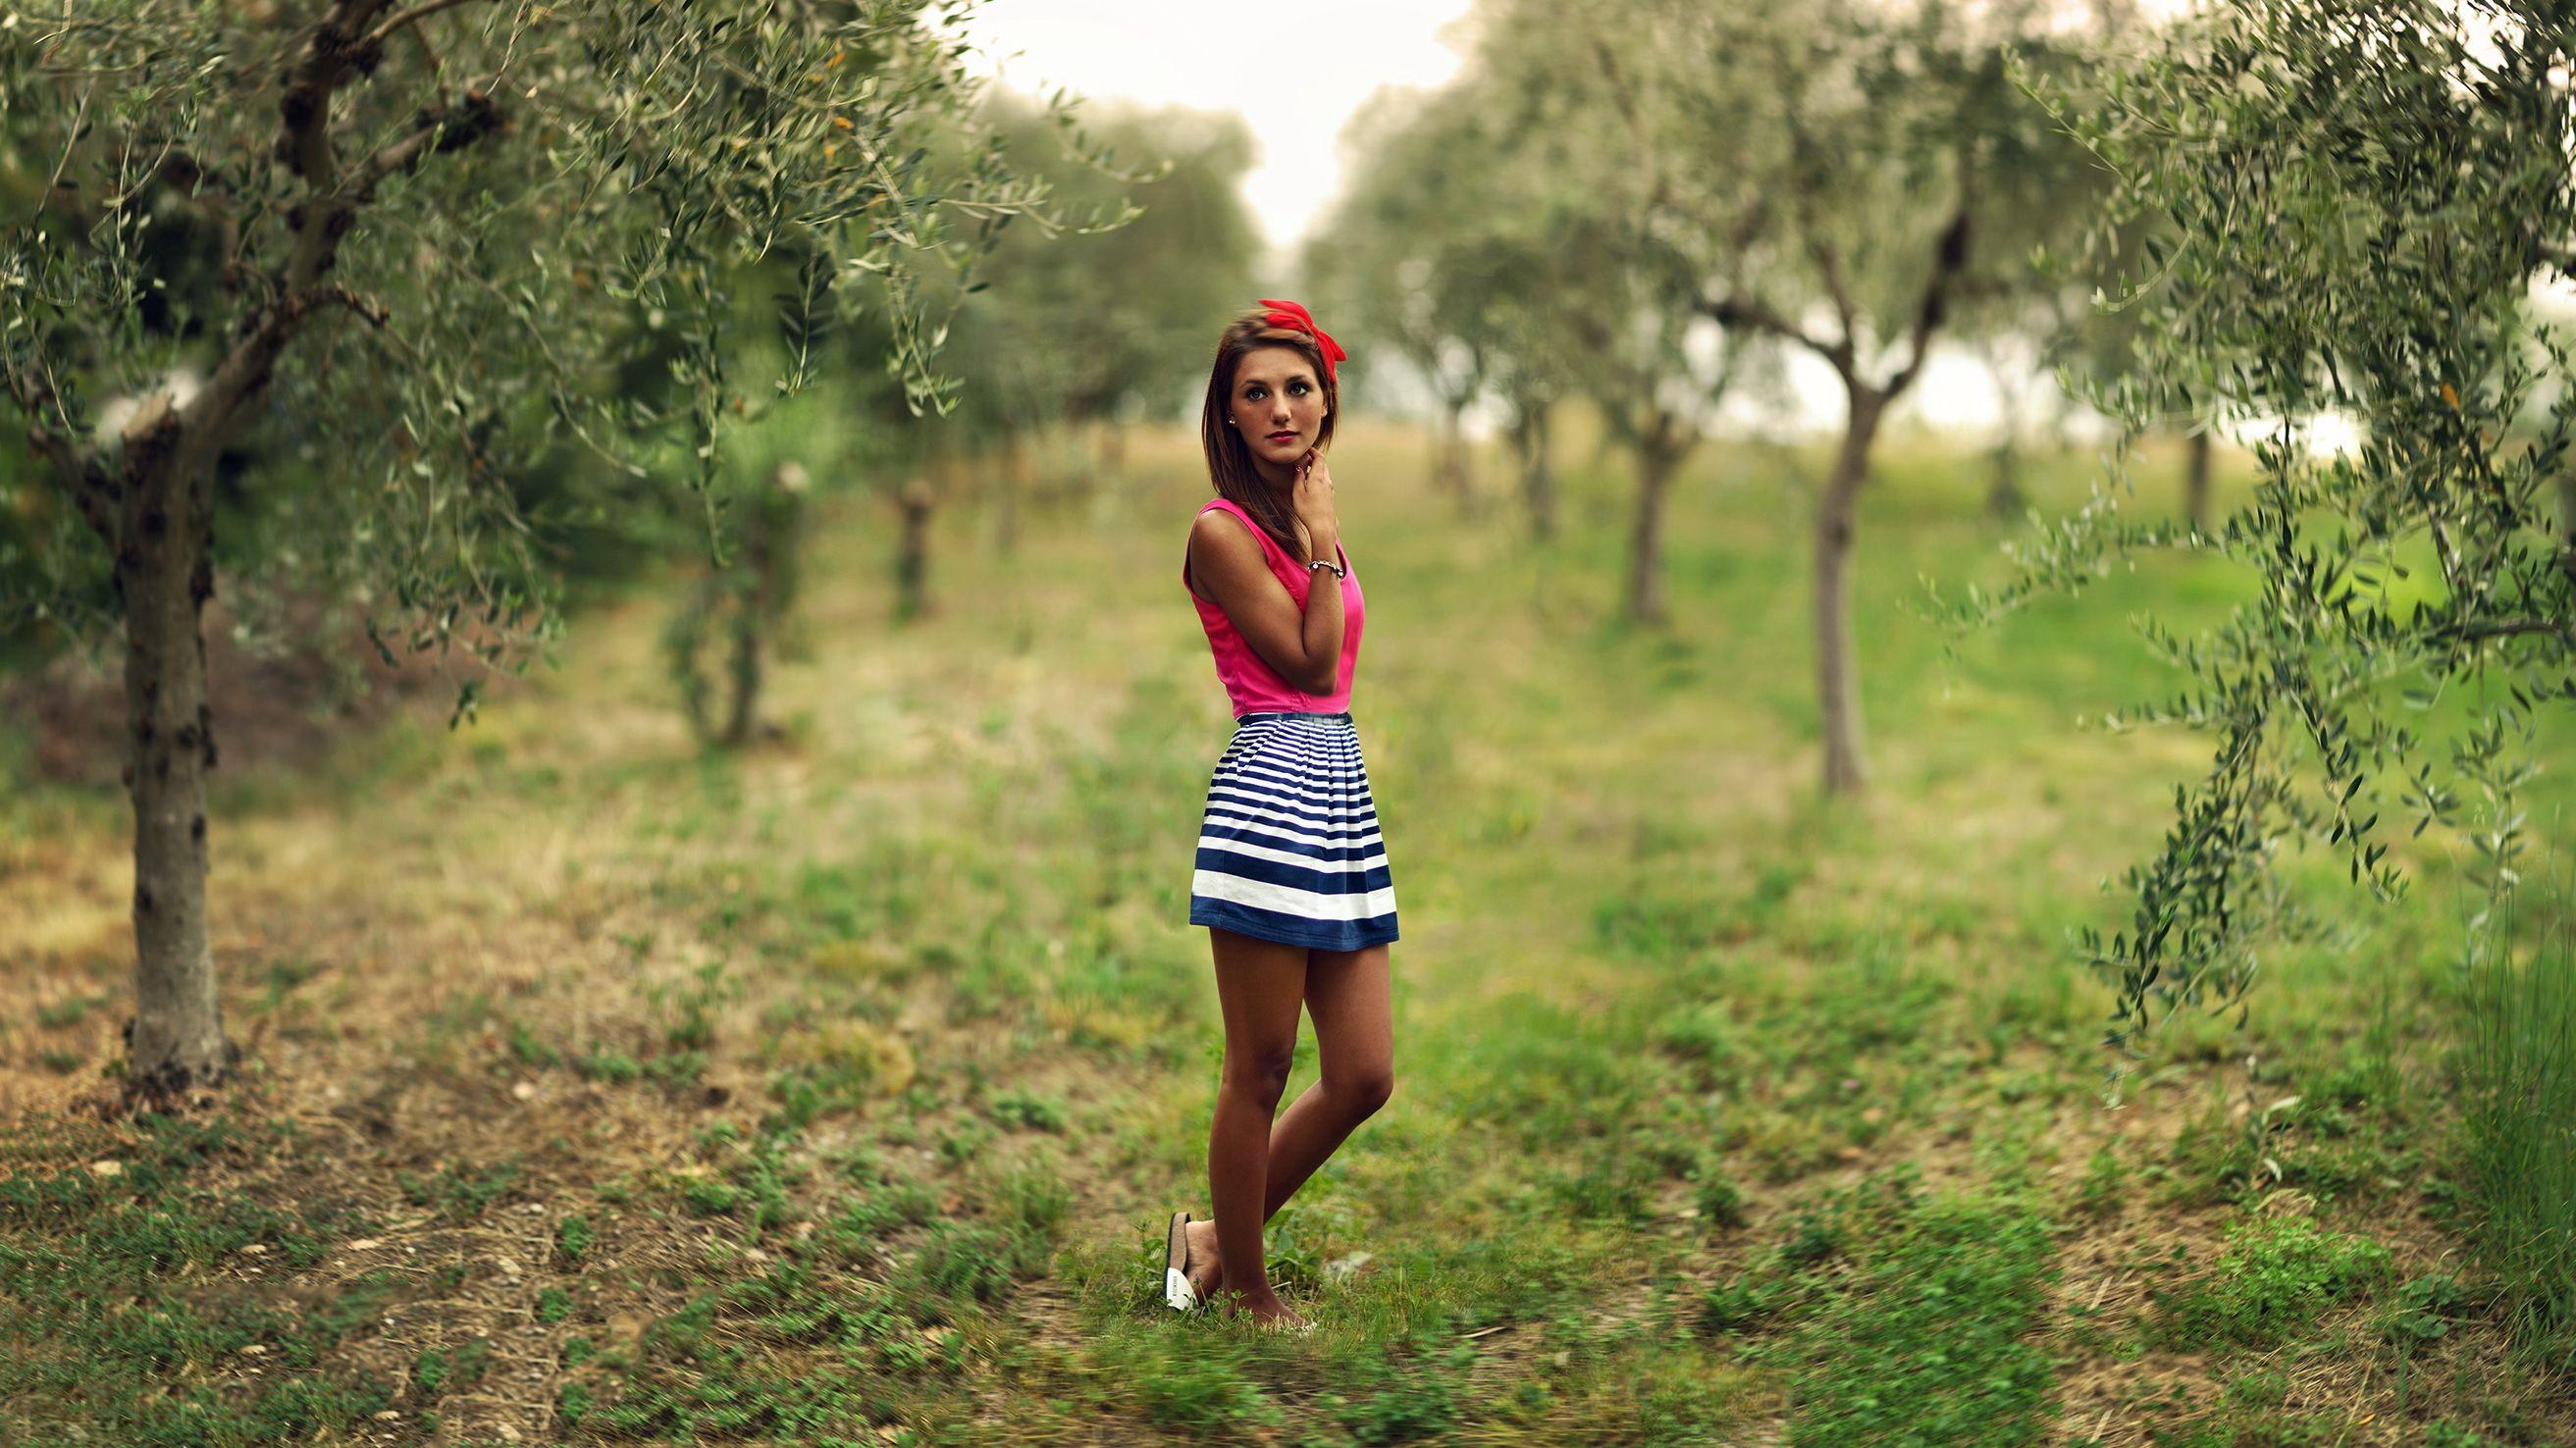 Смотреть фото девушка на природе